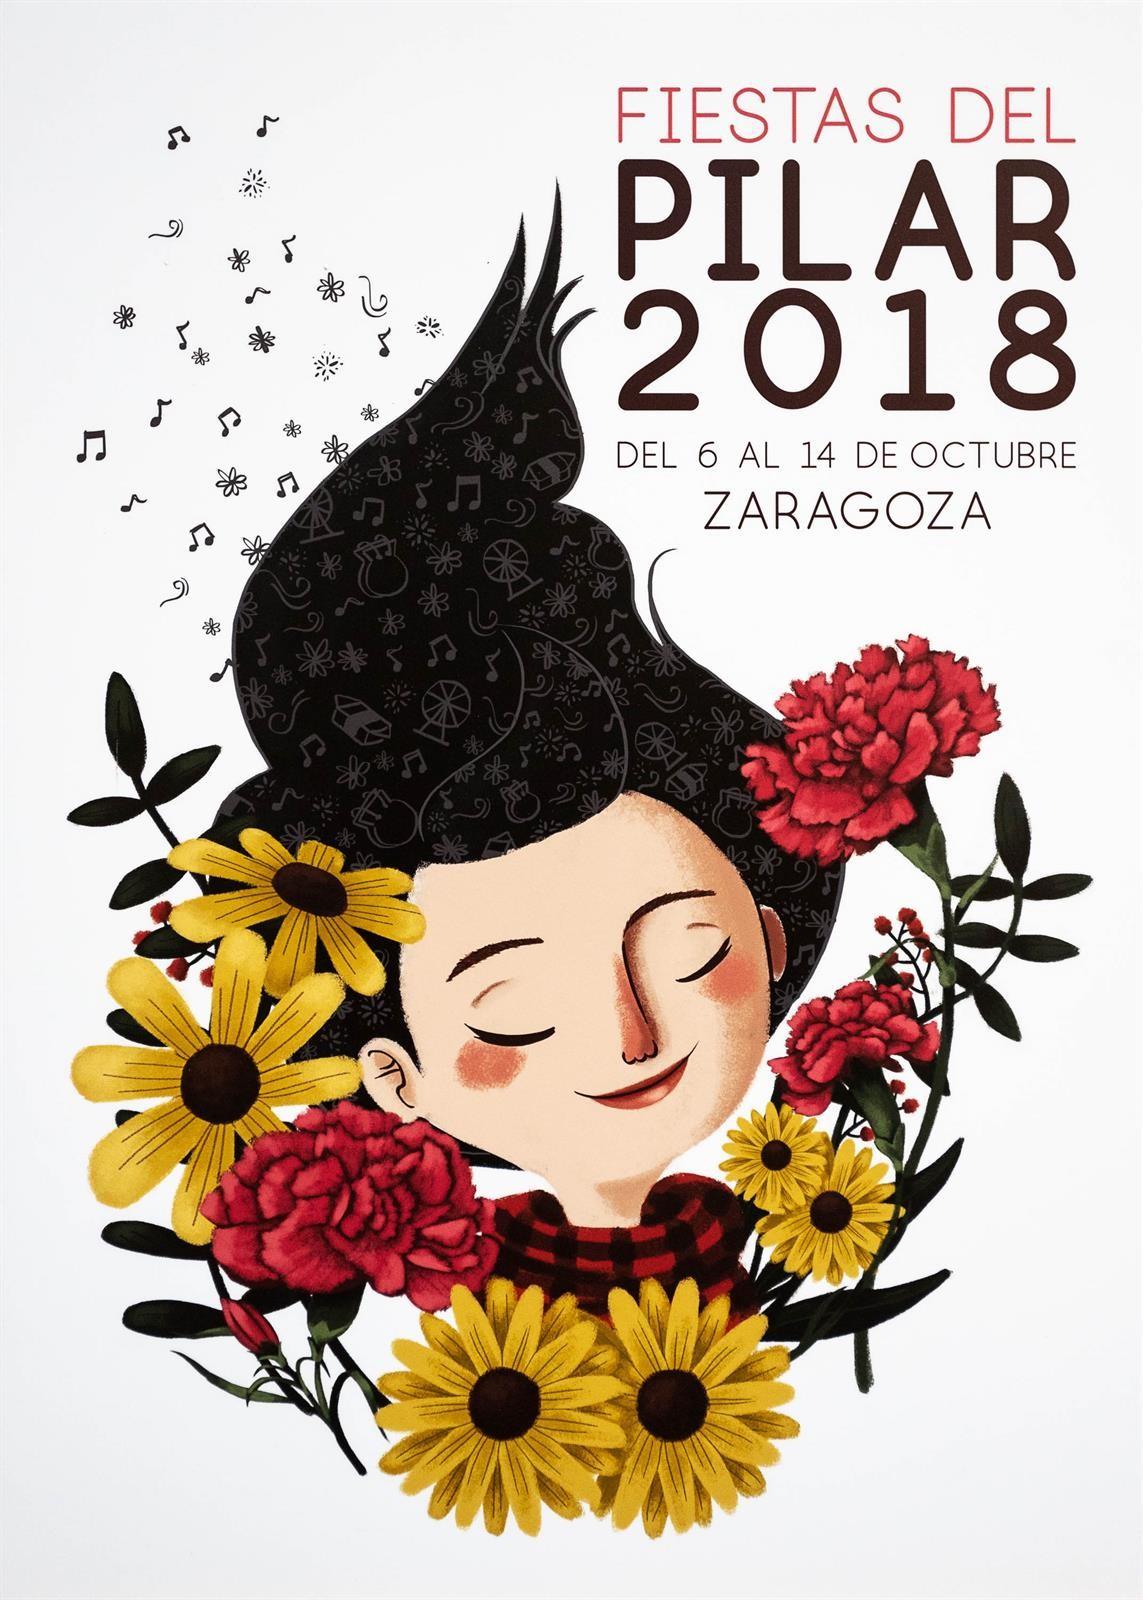 Cartel Fiestas Pilar 2018